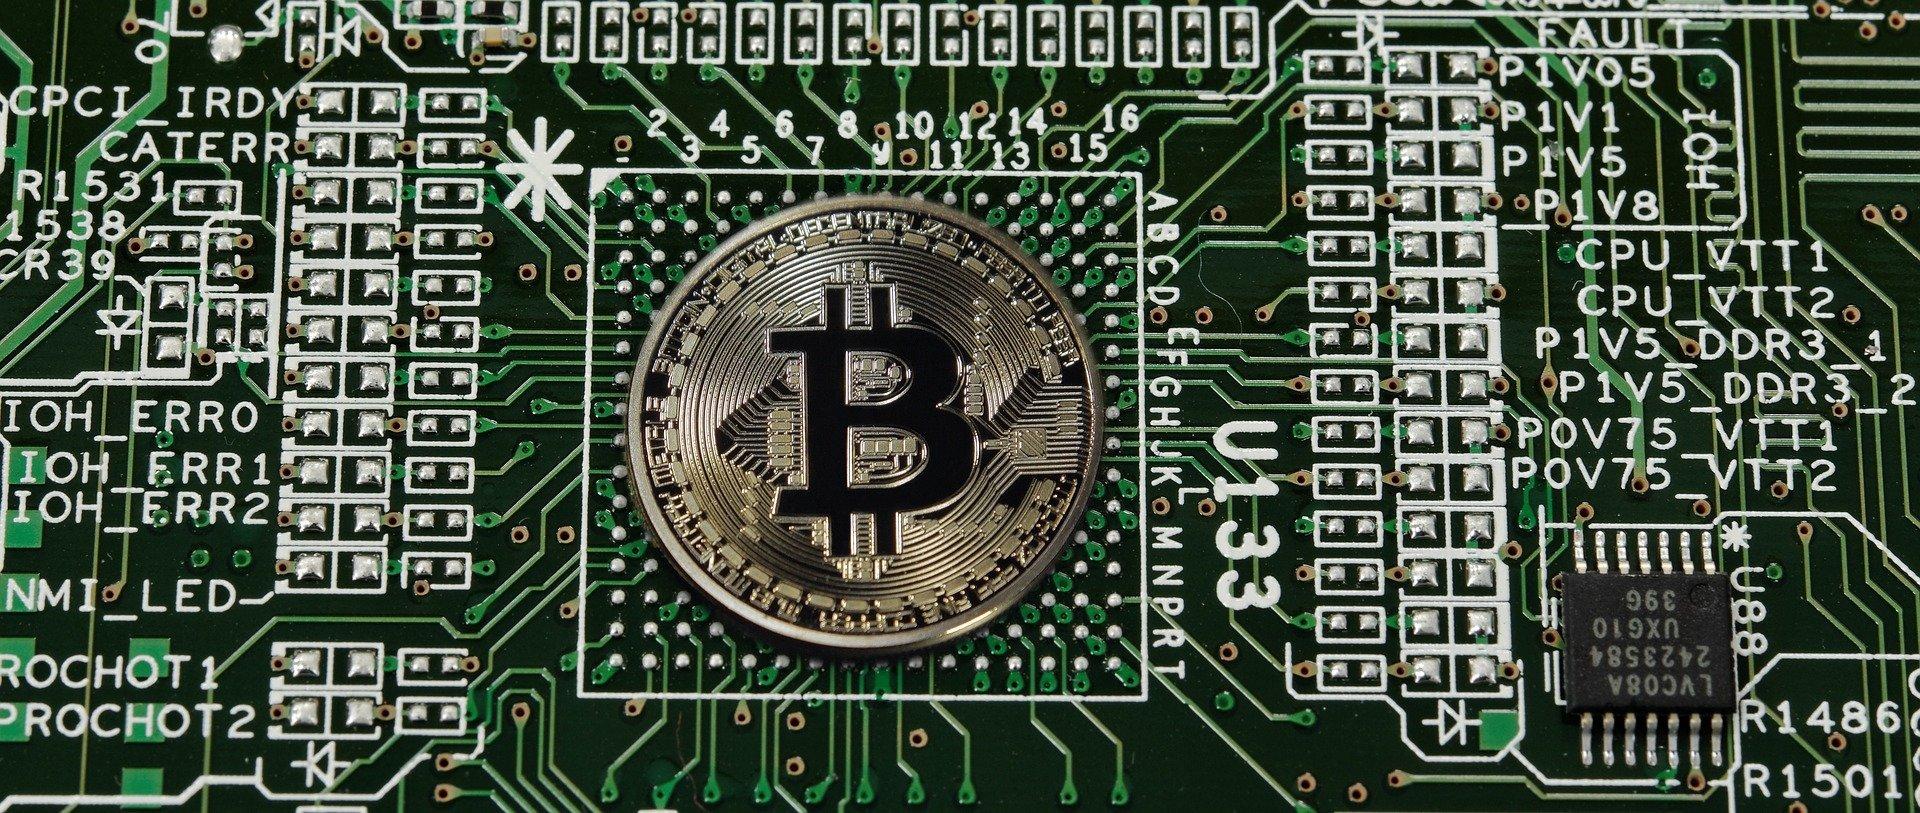 Těžaři kryptoměny - bitcoin halving - potvrzování bloků